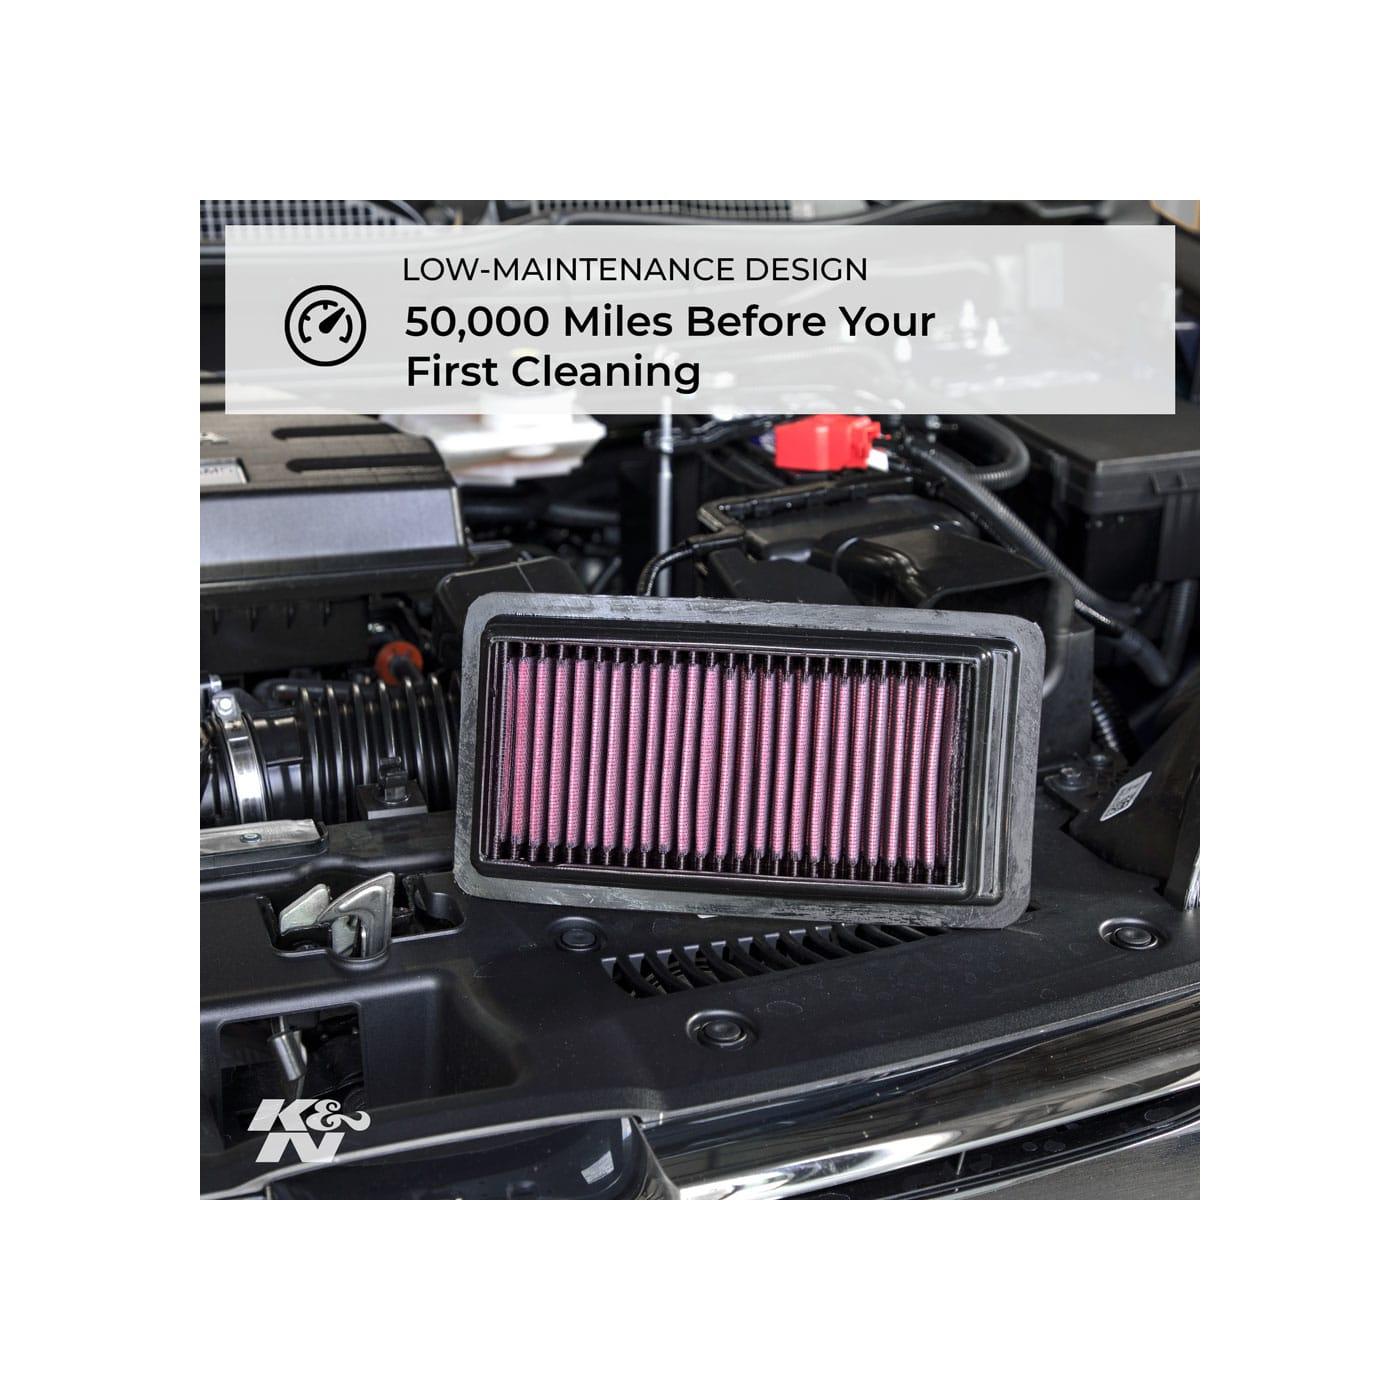 Filtro De Ar K&n 33-2078 BMW 520i 525i M5